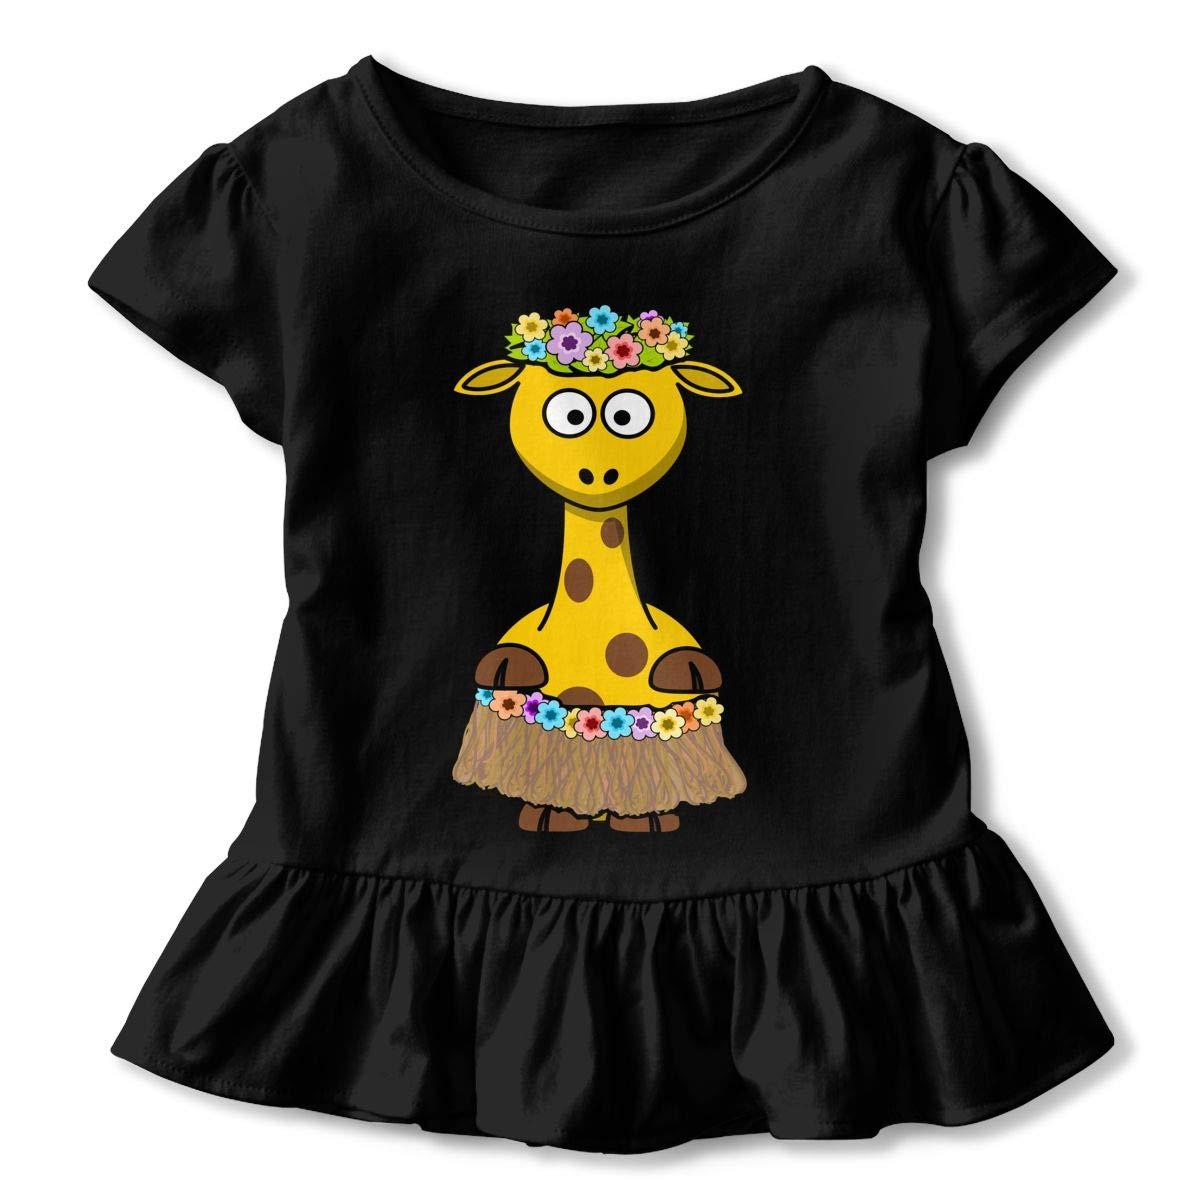 SHIRT1-KIDS Giraffe Hawaii T-Shirts Toddler//Infant Girls Short Sleeve Ruffles Shirt Tee for 2-6T